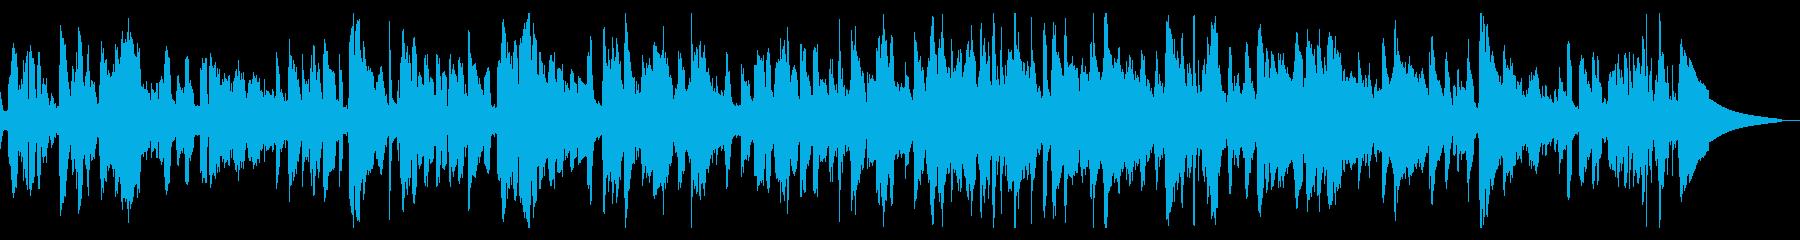 サックスメロディのスローバラードジャズの再生済みの波形